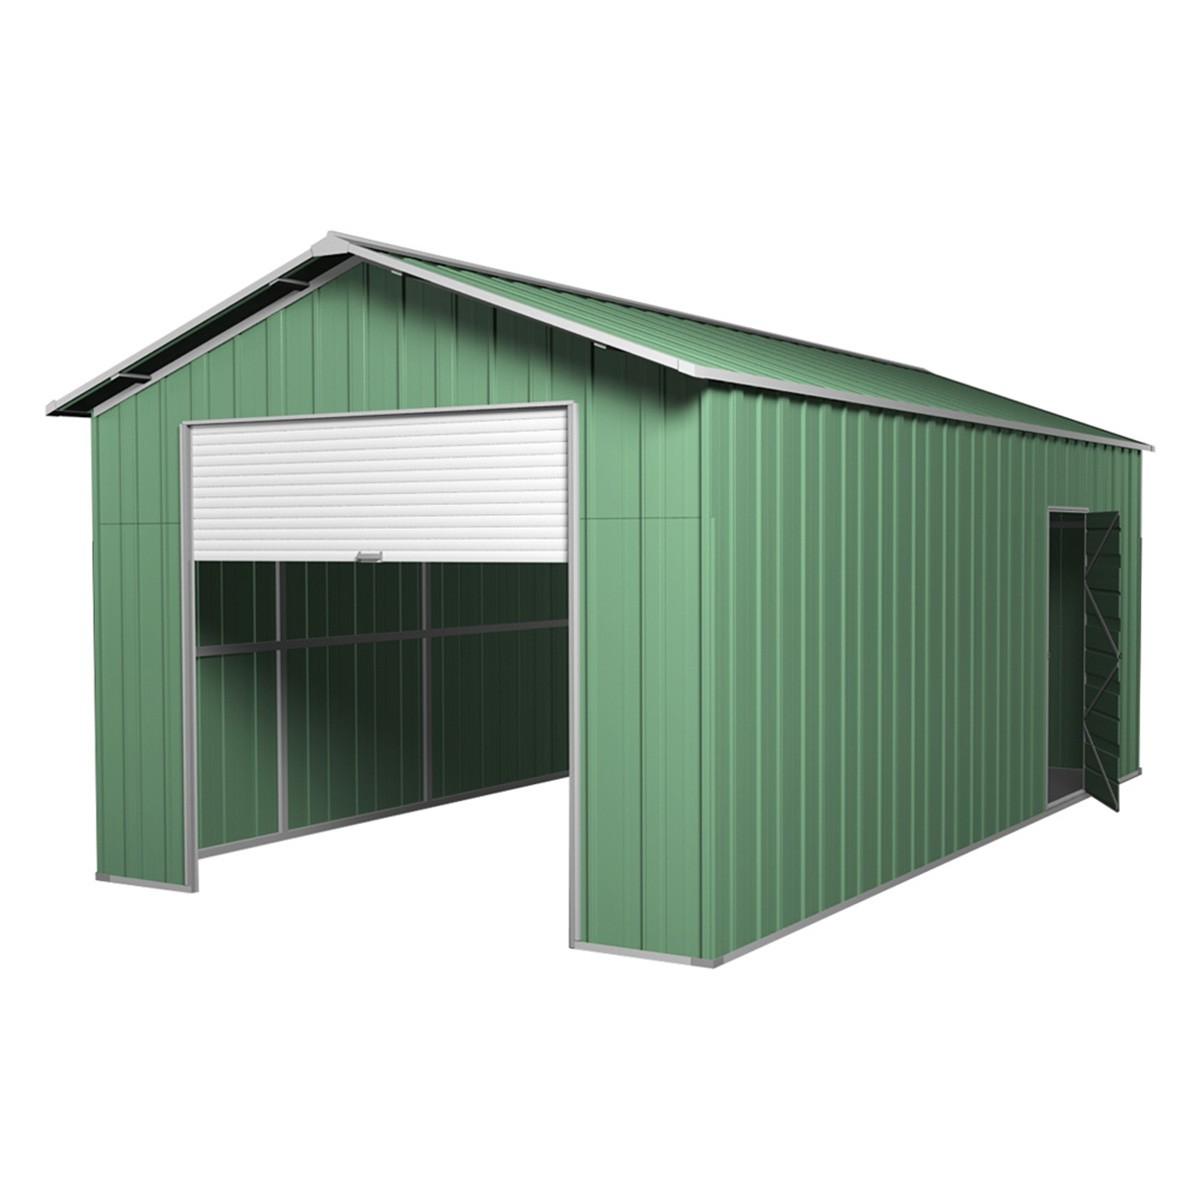 Roller door garage shed x 6m x 3m gable workshop for Garage gable